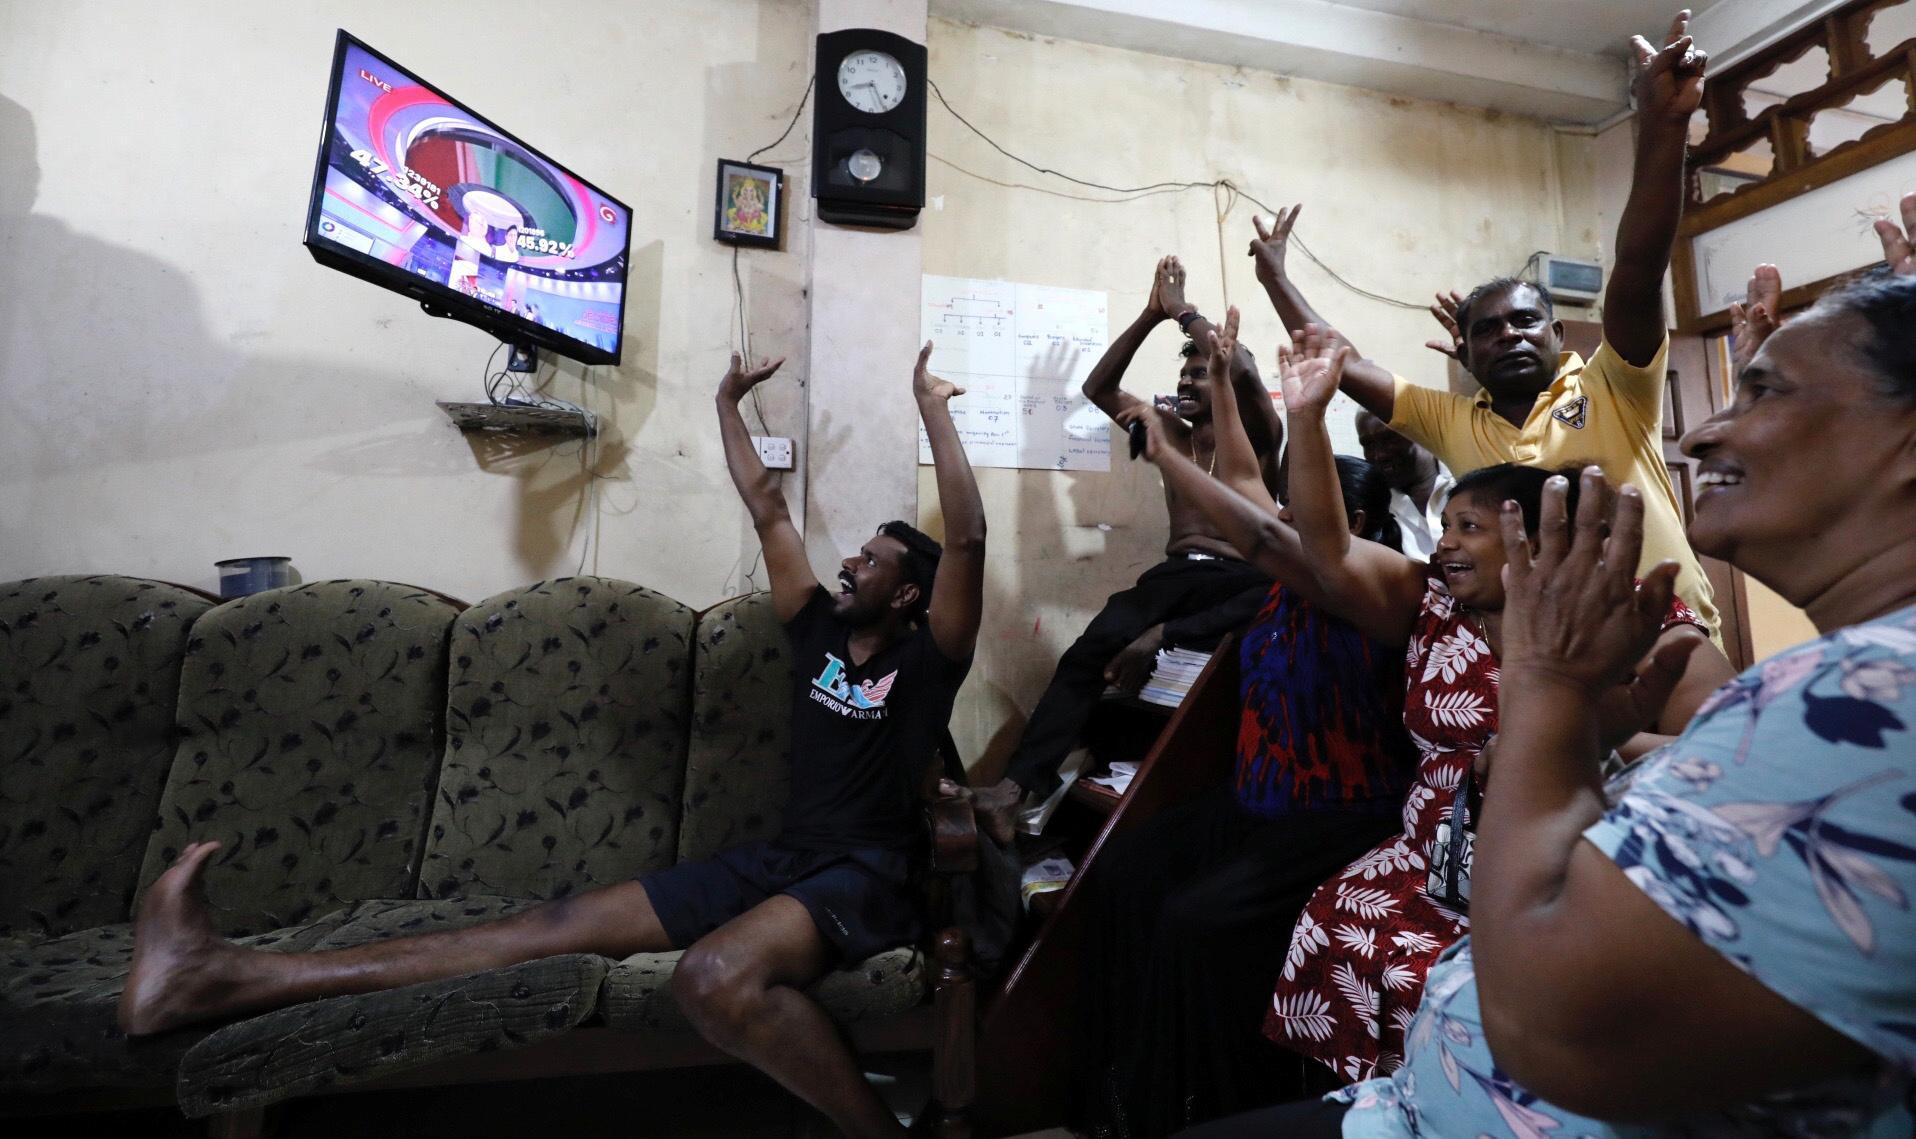 Rajapaksa, un homme fort du Sri Lanka, devrait devenir président après la défaite concédée de son rival